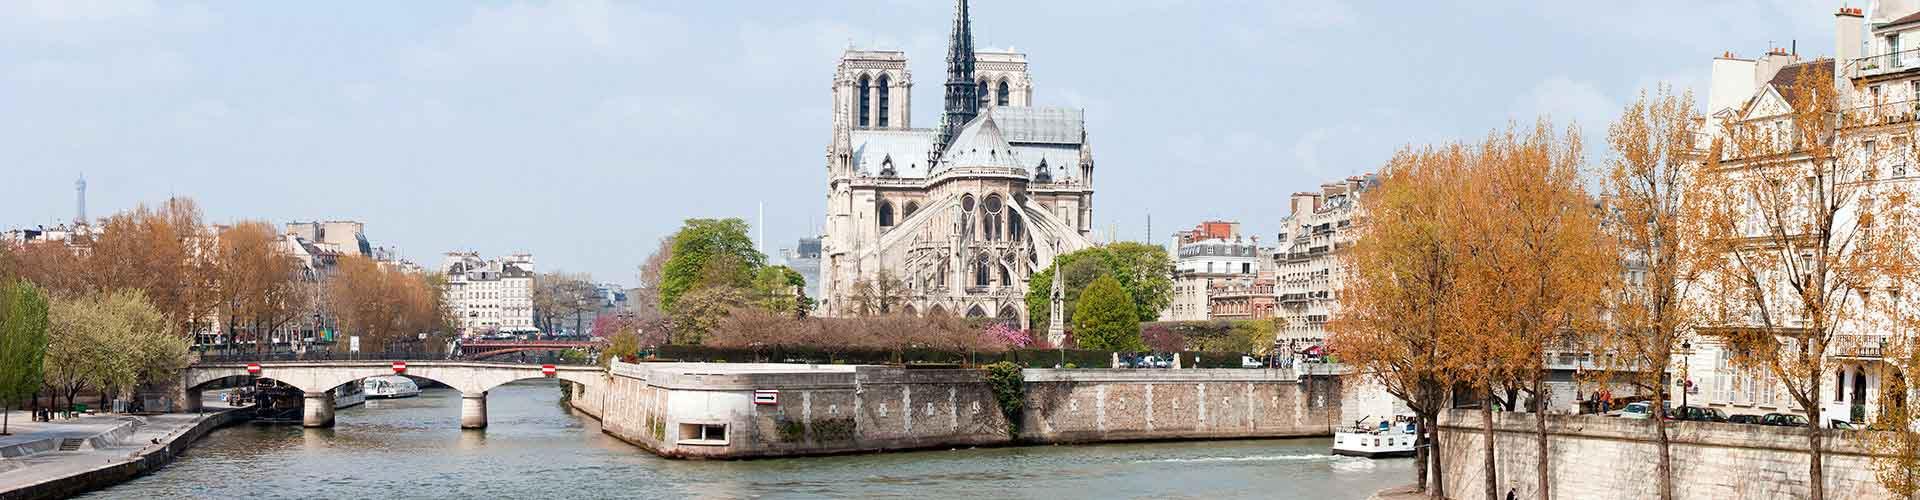 Reims - Apartamentos en Reims. Mapas de Reims, Fotos y comentarios de cada Apartamento en Reims.